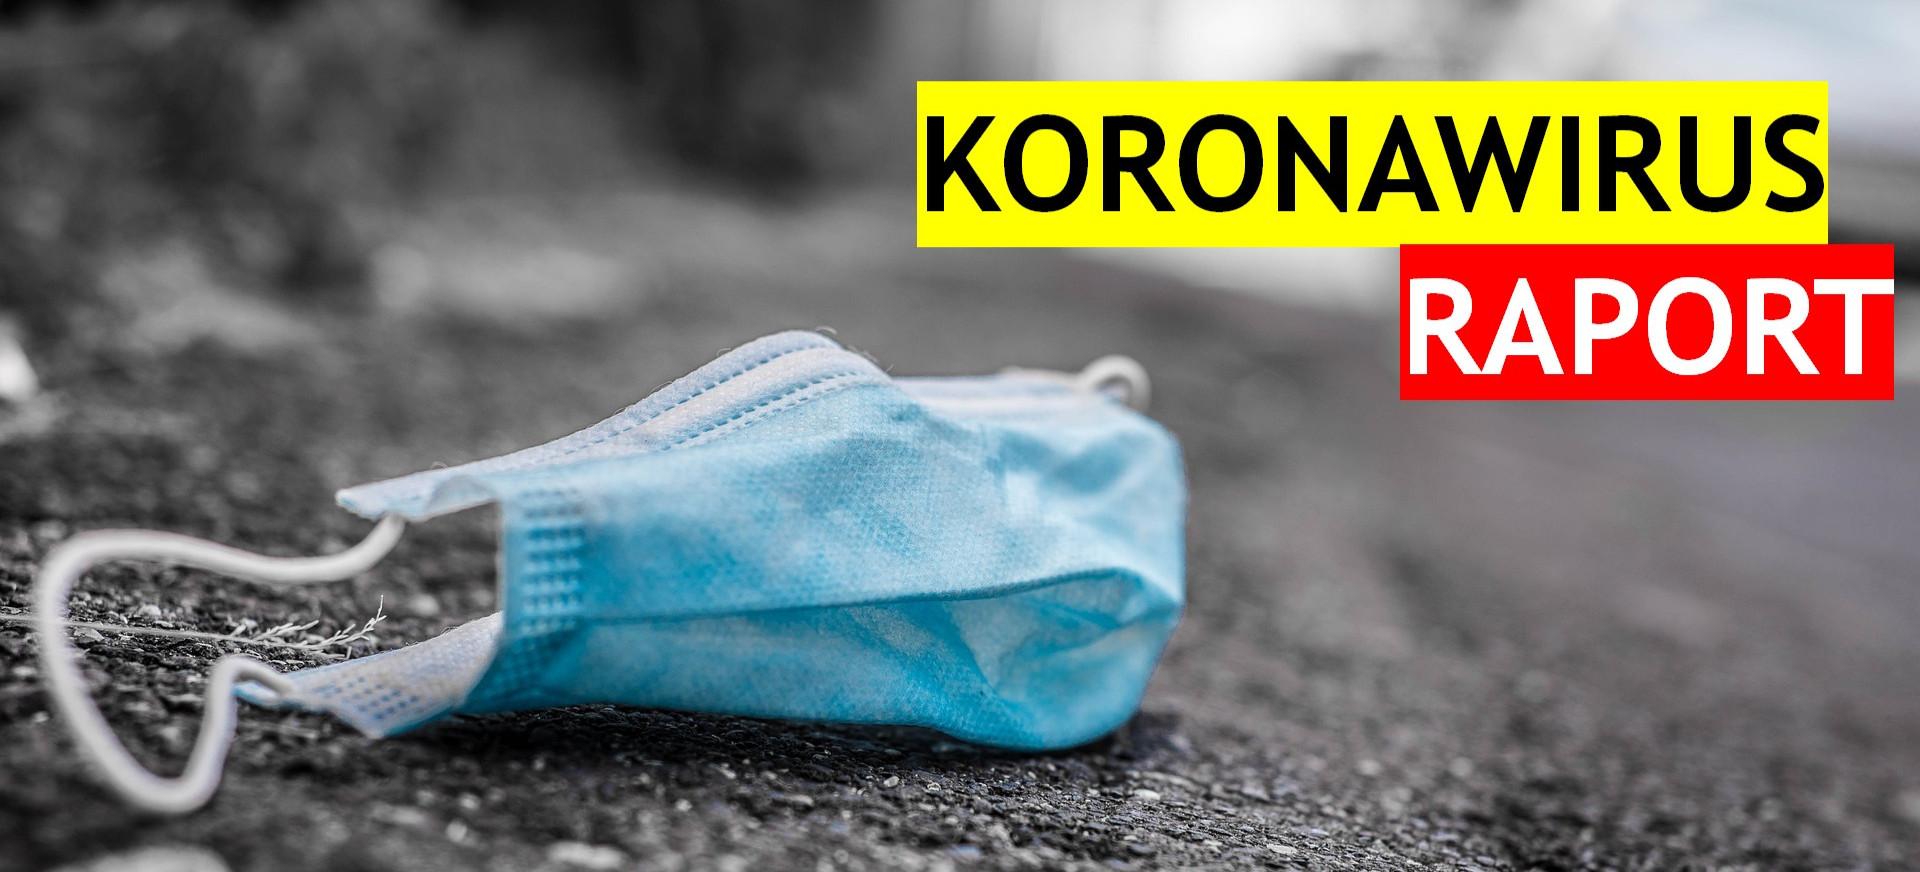 32 nowe przypadki koronawirusa na Podkarpaciu